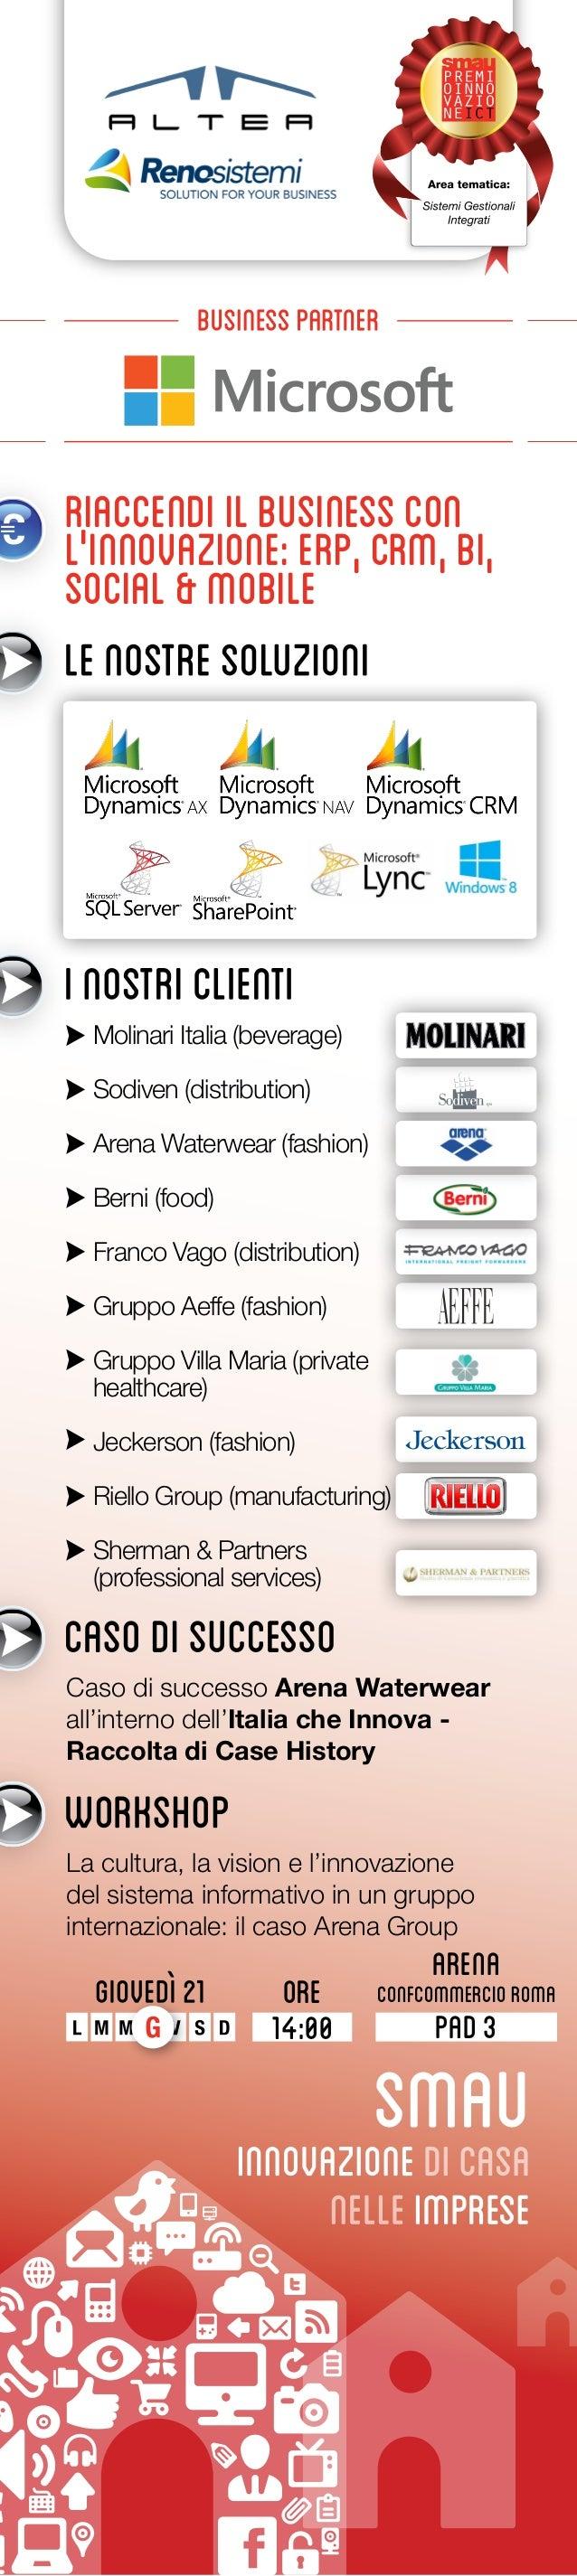 Riaccendi il business conl'Innovazione: ERP, CRM, BI,Social & Mobile  Molinari Italia (beverage)  Sodiven (distribution)  ...